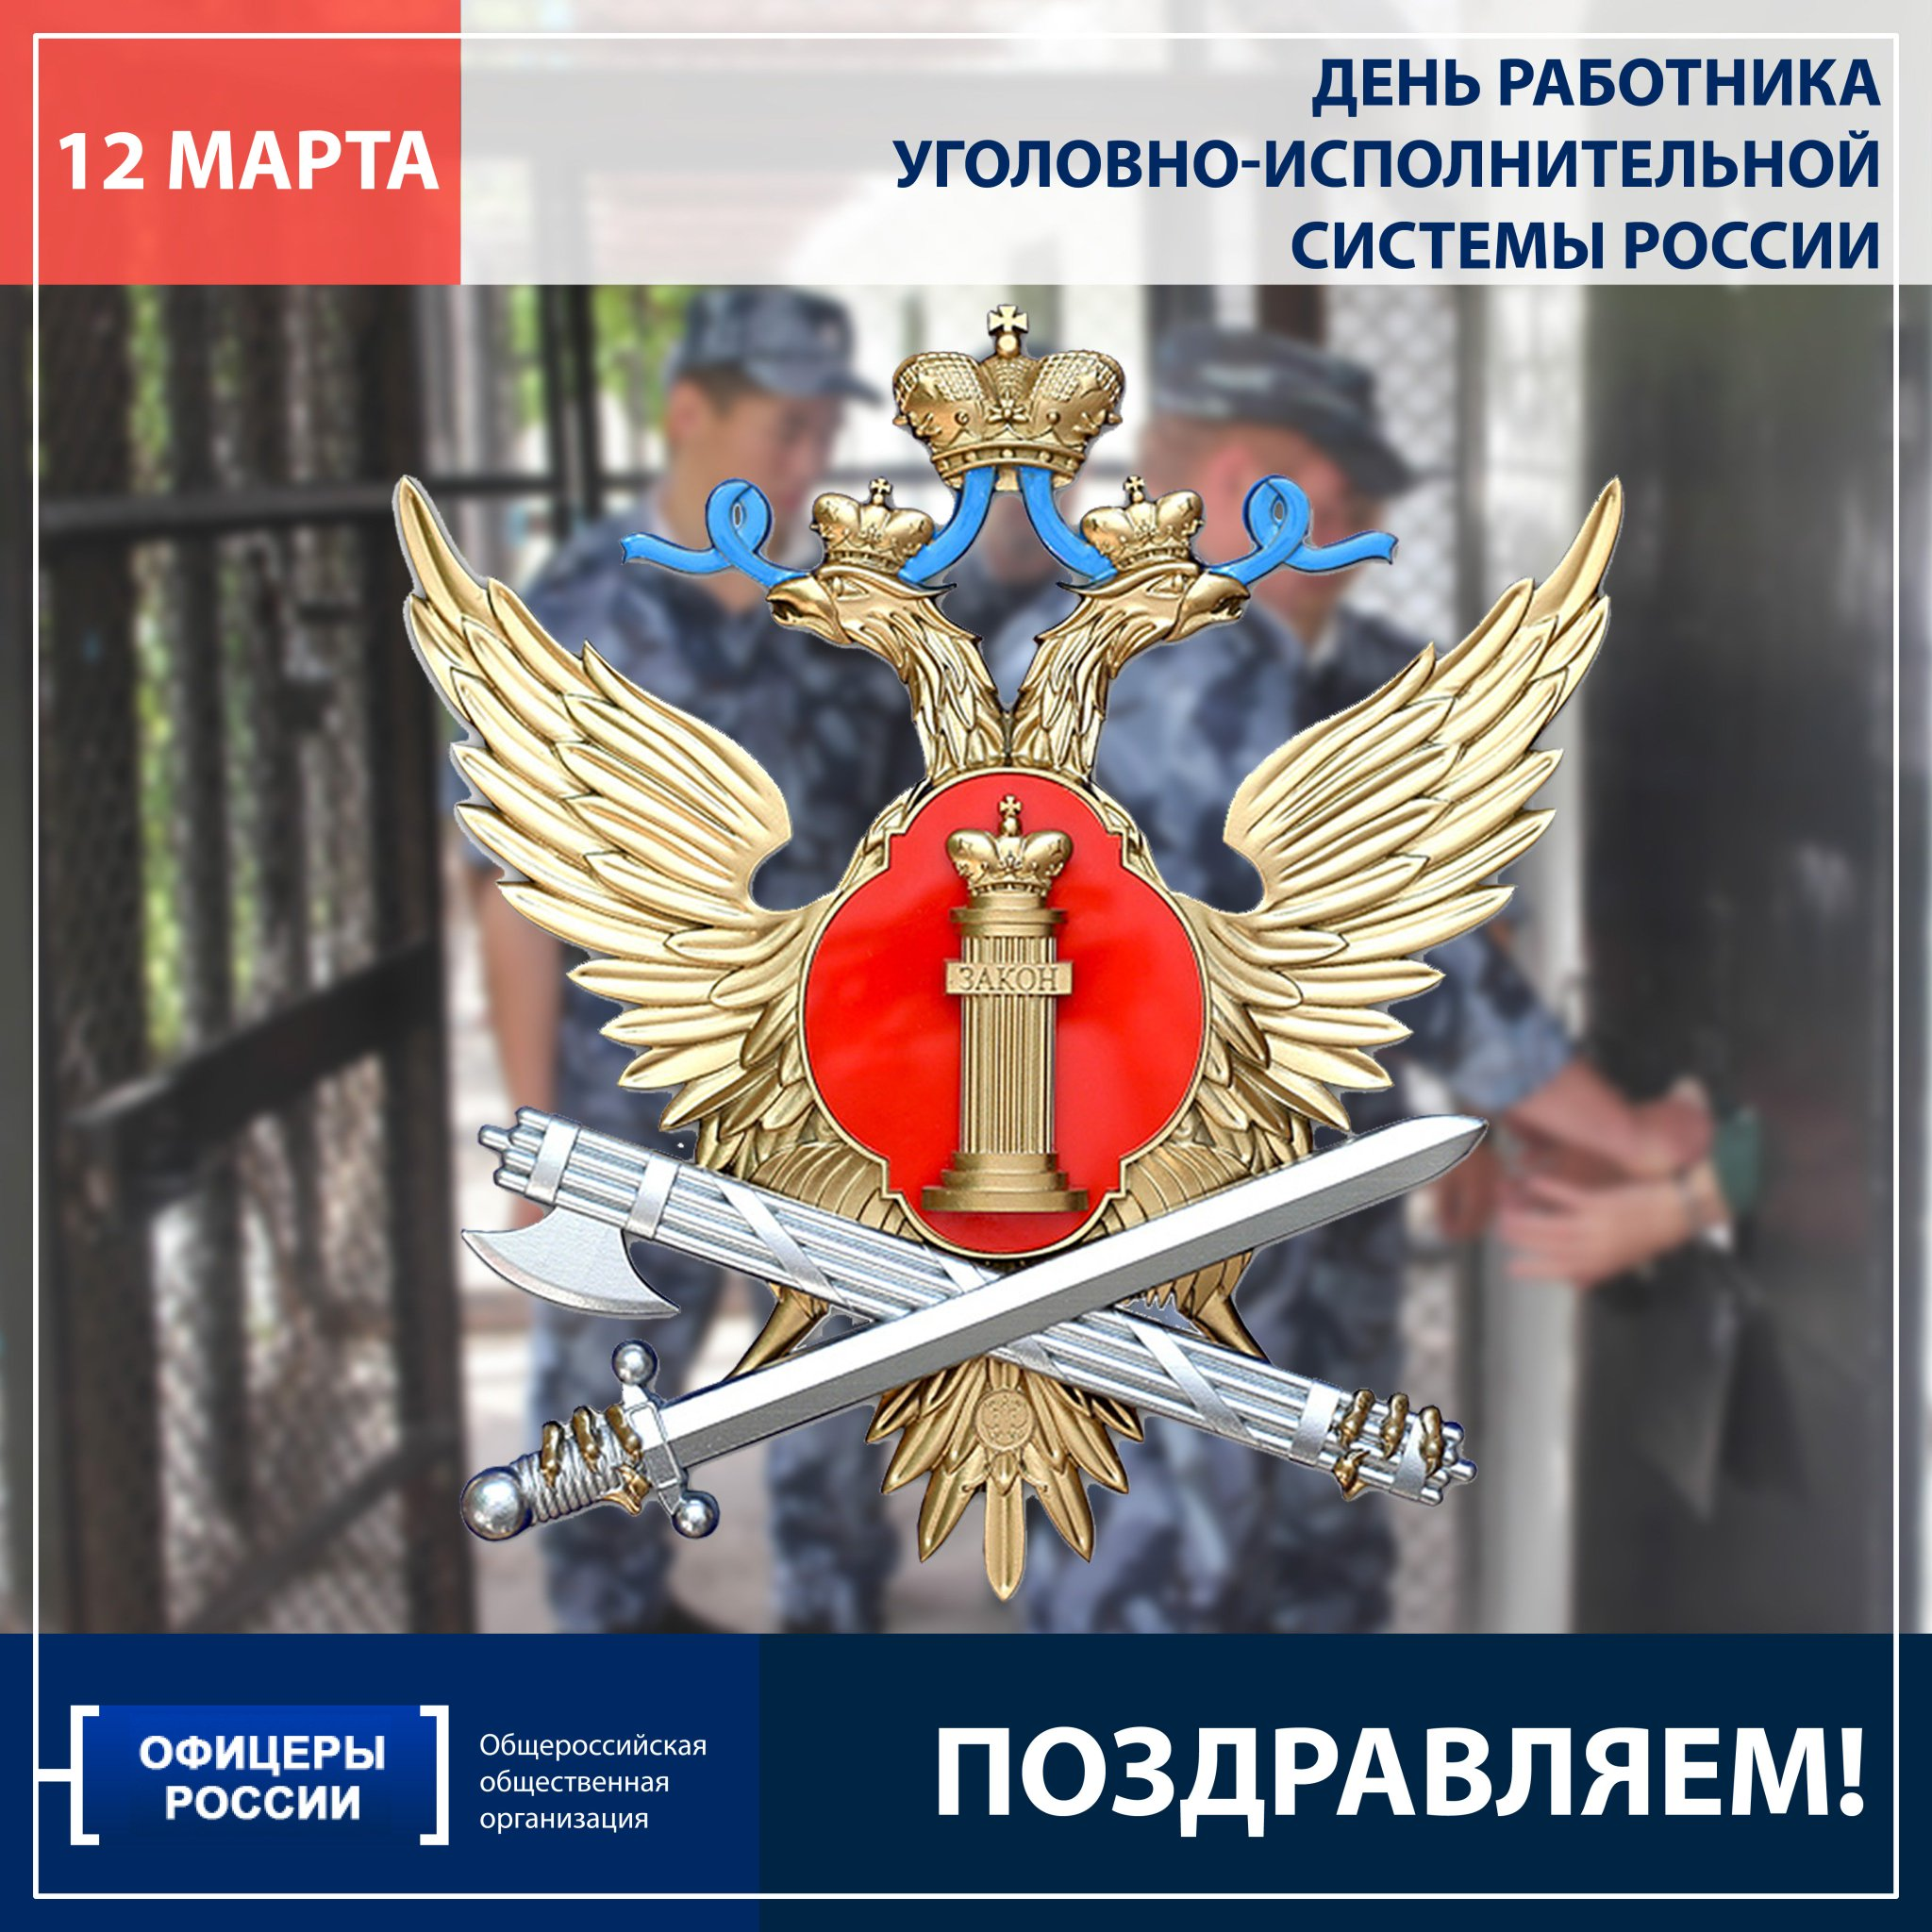 День работника уголовно-исполнительной системы картинки, летием рамки